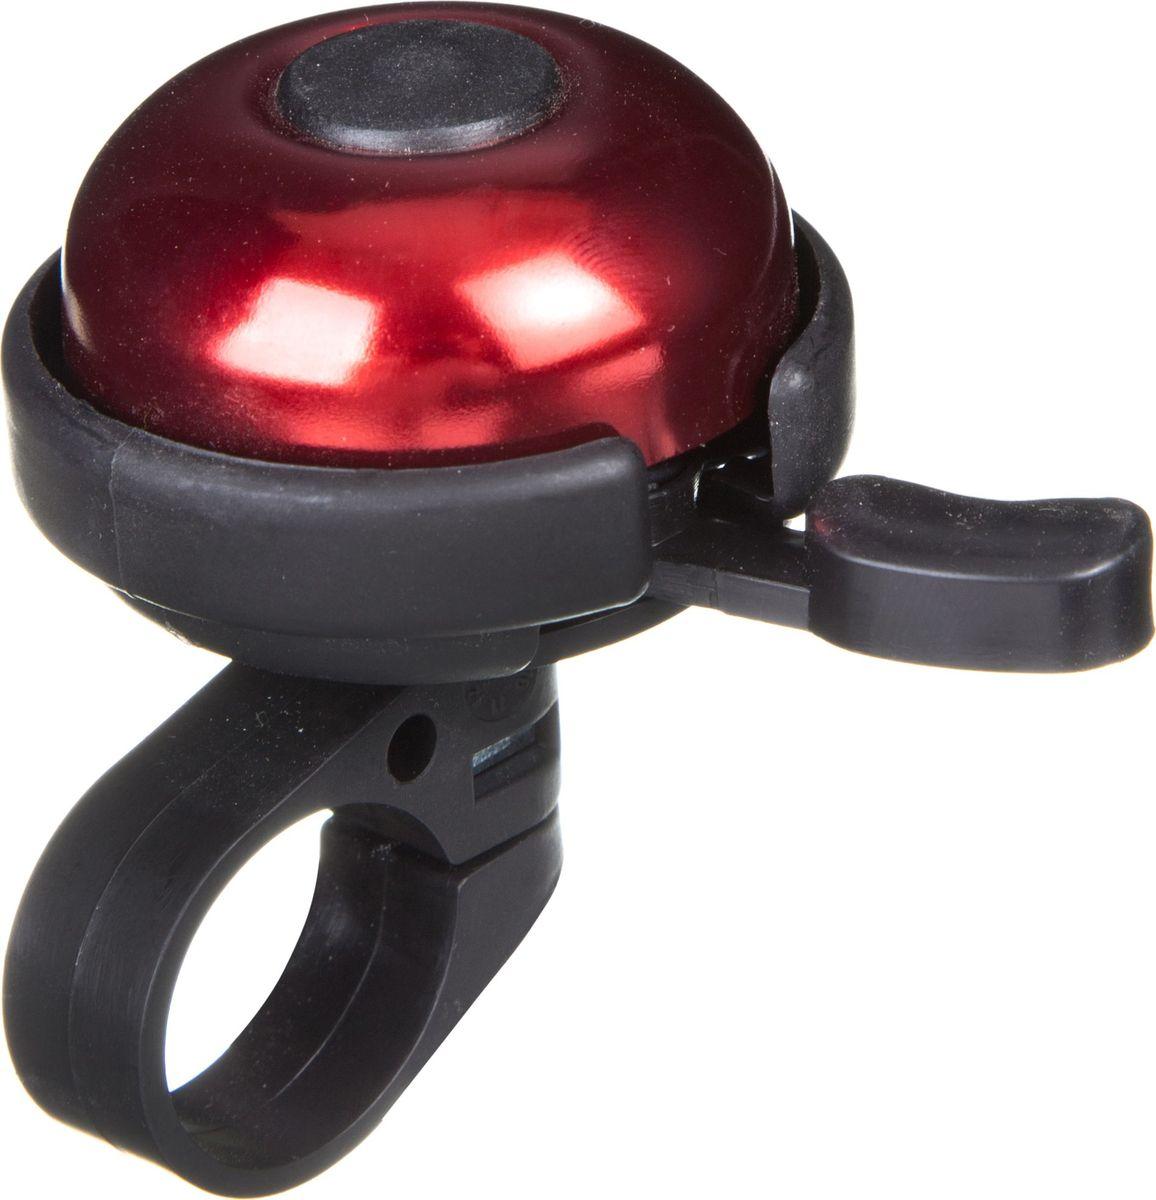 Звонок велосипедный STG 31А-05, цвет: красныйRivaCase 8460 blackЗвонок предупредит пешеходов и других велосипедистов о вашем приближении, а также обеспечит безопасность вашего движения. Звонок предназначен для крепления на руль и подойдет не только для велосипедов, но и для самокатов.